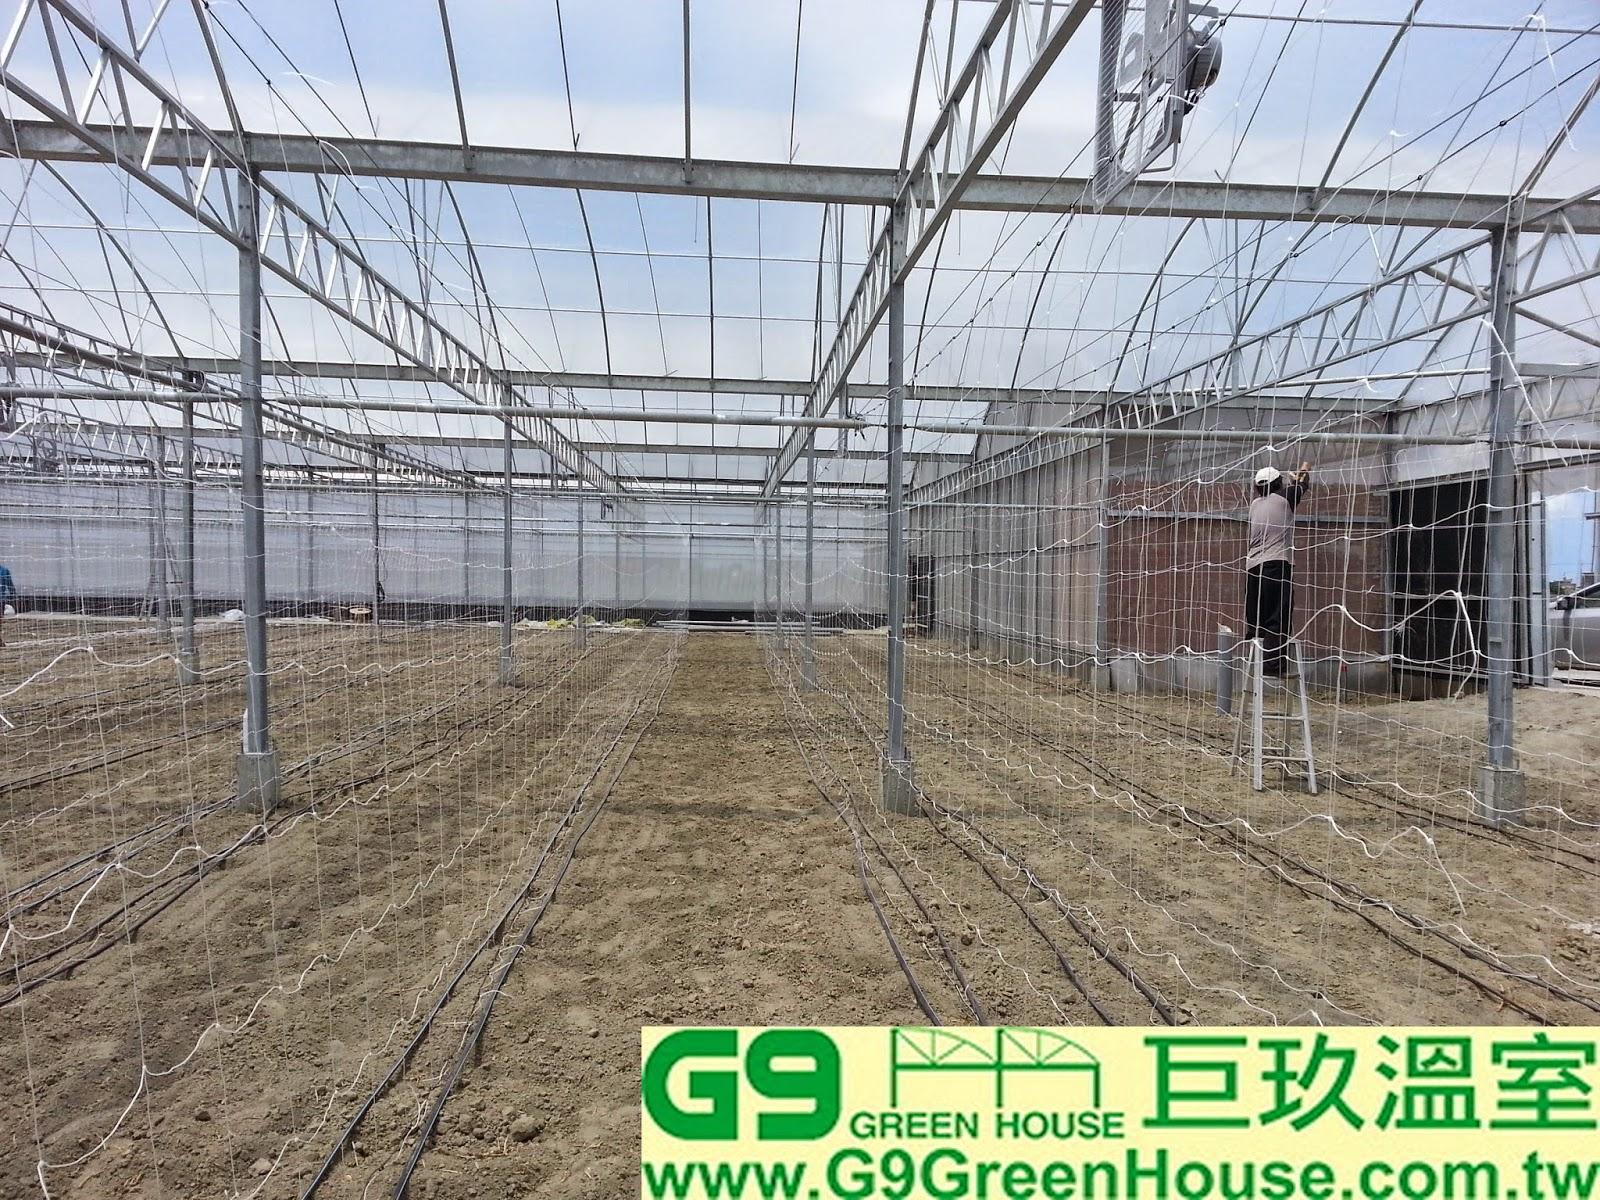 52.巨玖農場施工人員開始固定玉女小番茄8尺爬藤網施工外觀